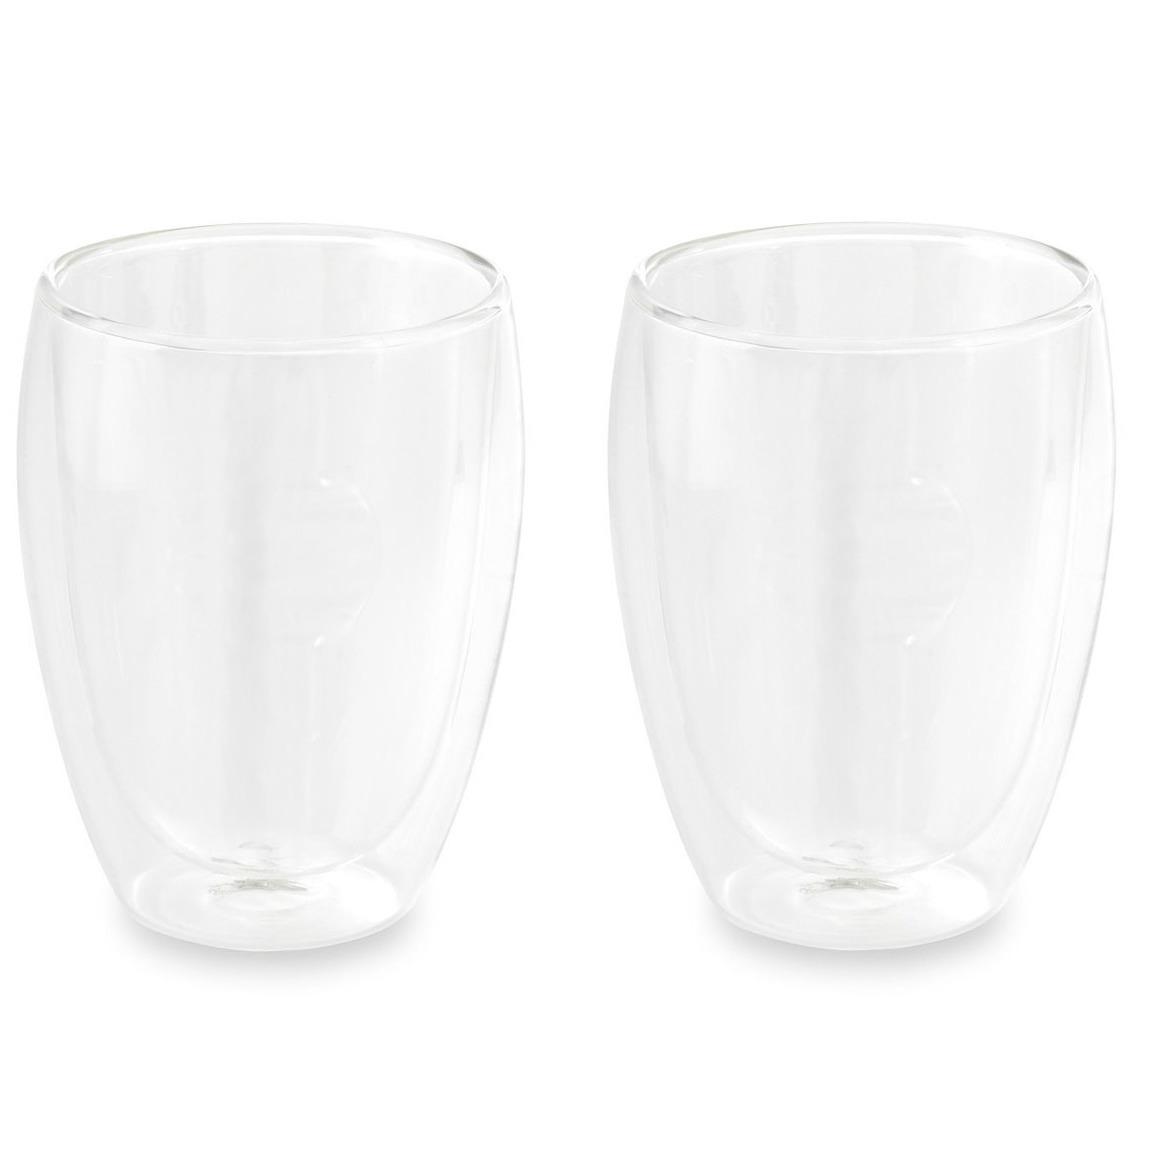 Set van 2x dubbelwandige glazen 350 ml transparant